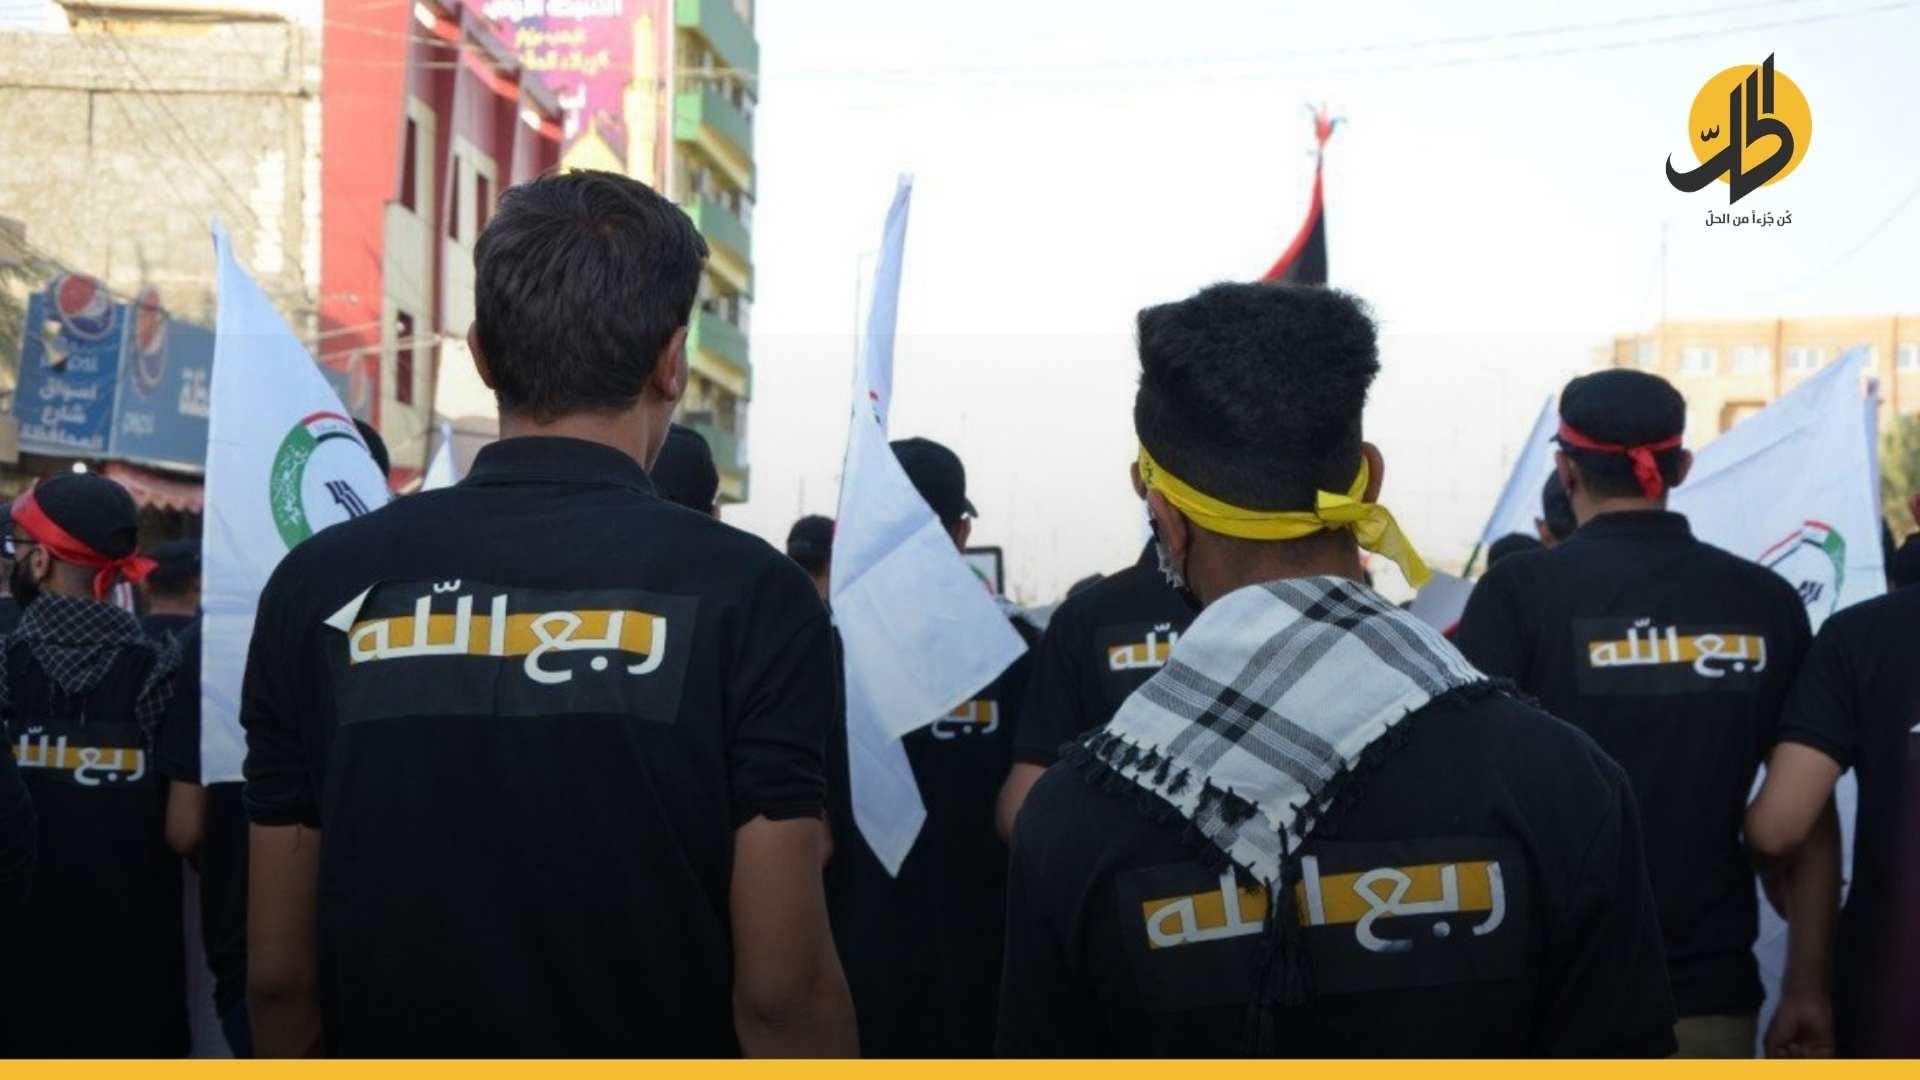 """ميليشيا """"ربع الله"""" تُهدّد باستهداف المصارف العراقية خلال 48 ساعة (فيديو)"""